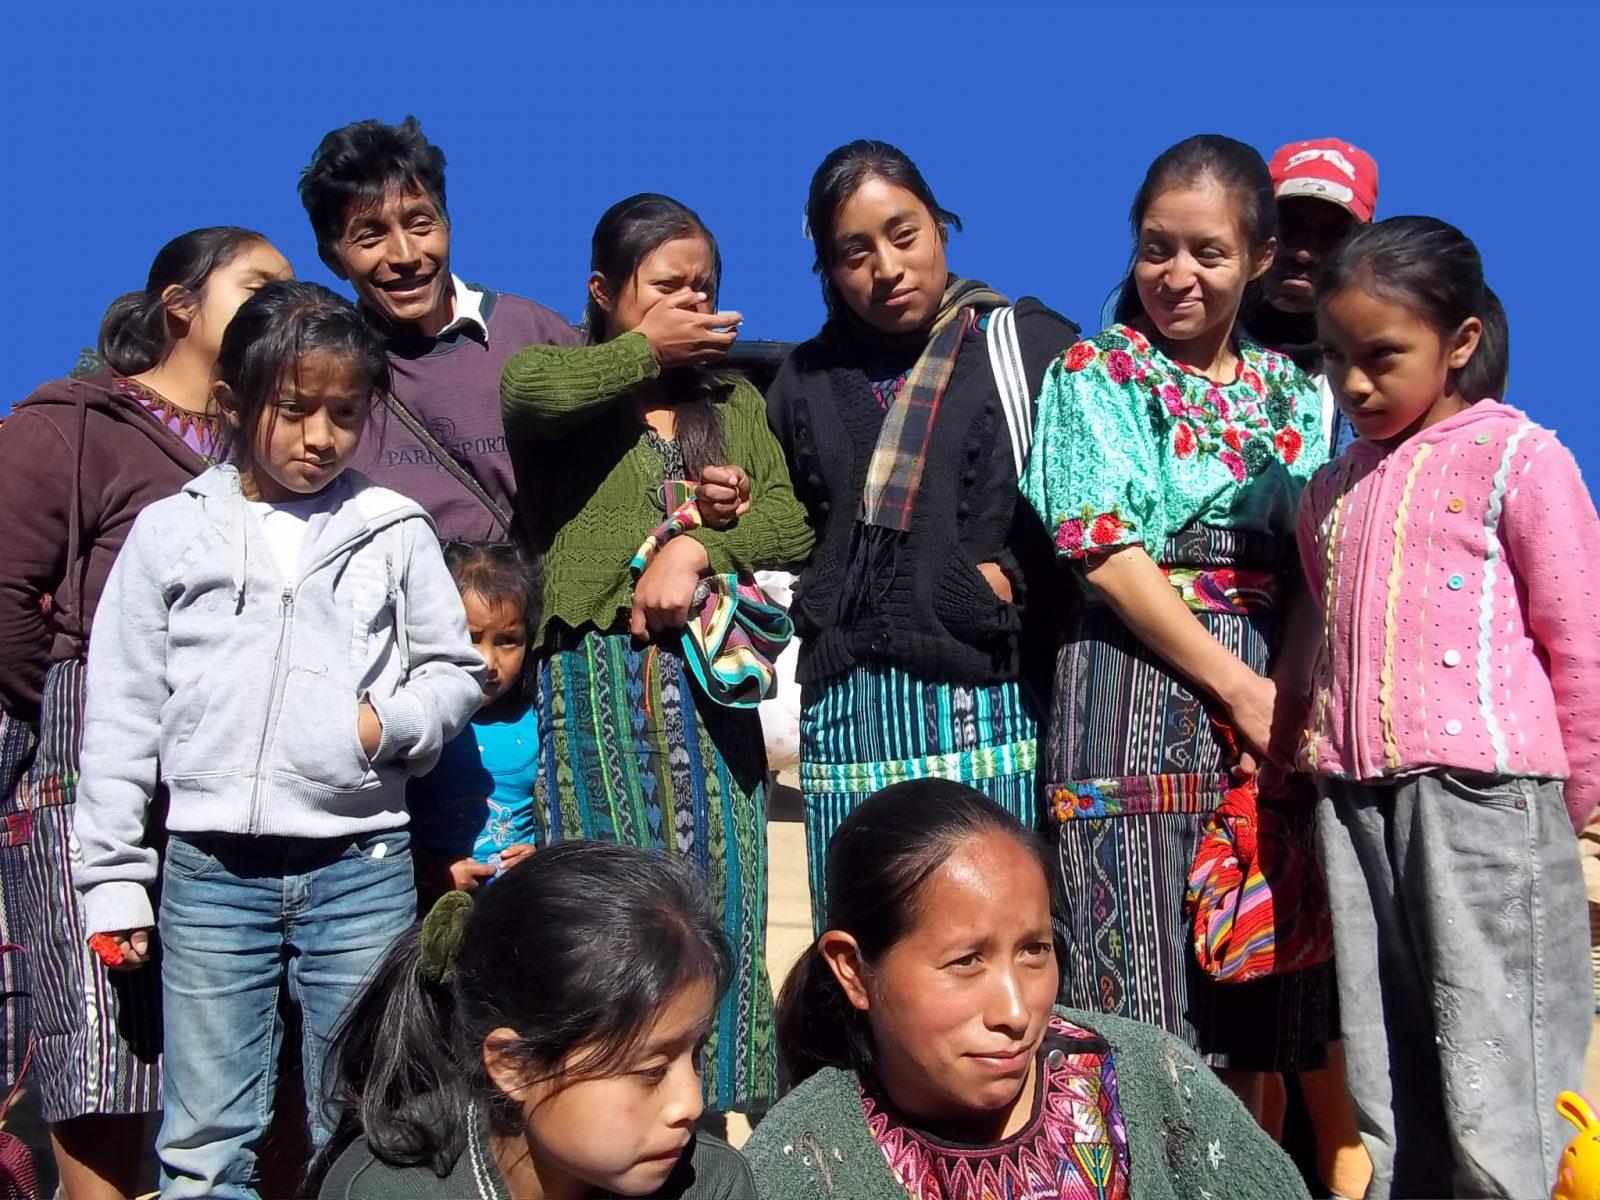 2019 Année internationale des langues autochtones   /    2019- International Year of Indigenous Languages